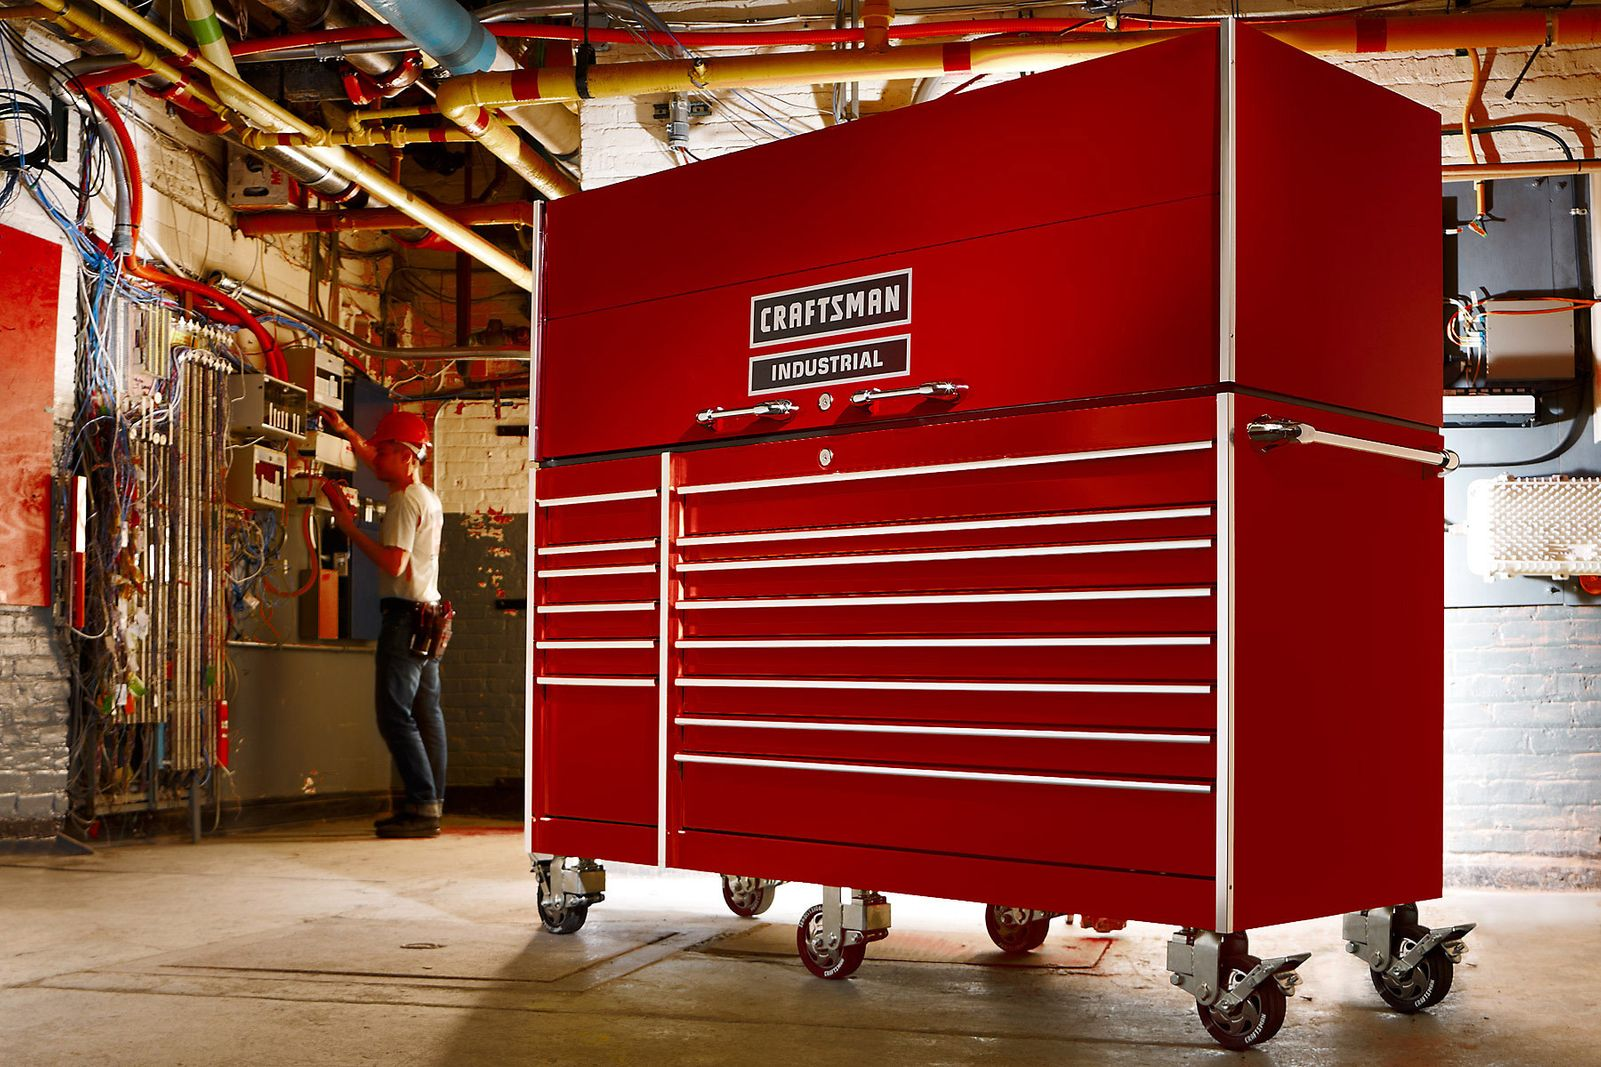 1_industrial__tool_box_sharpen